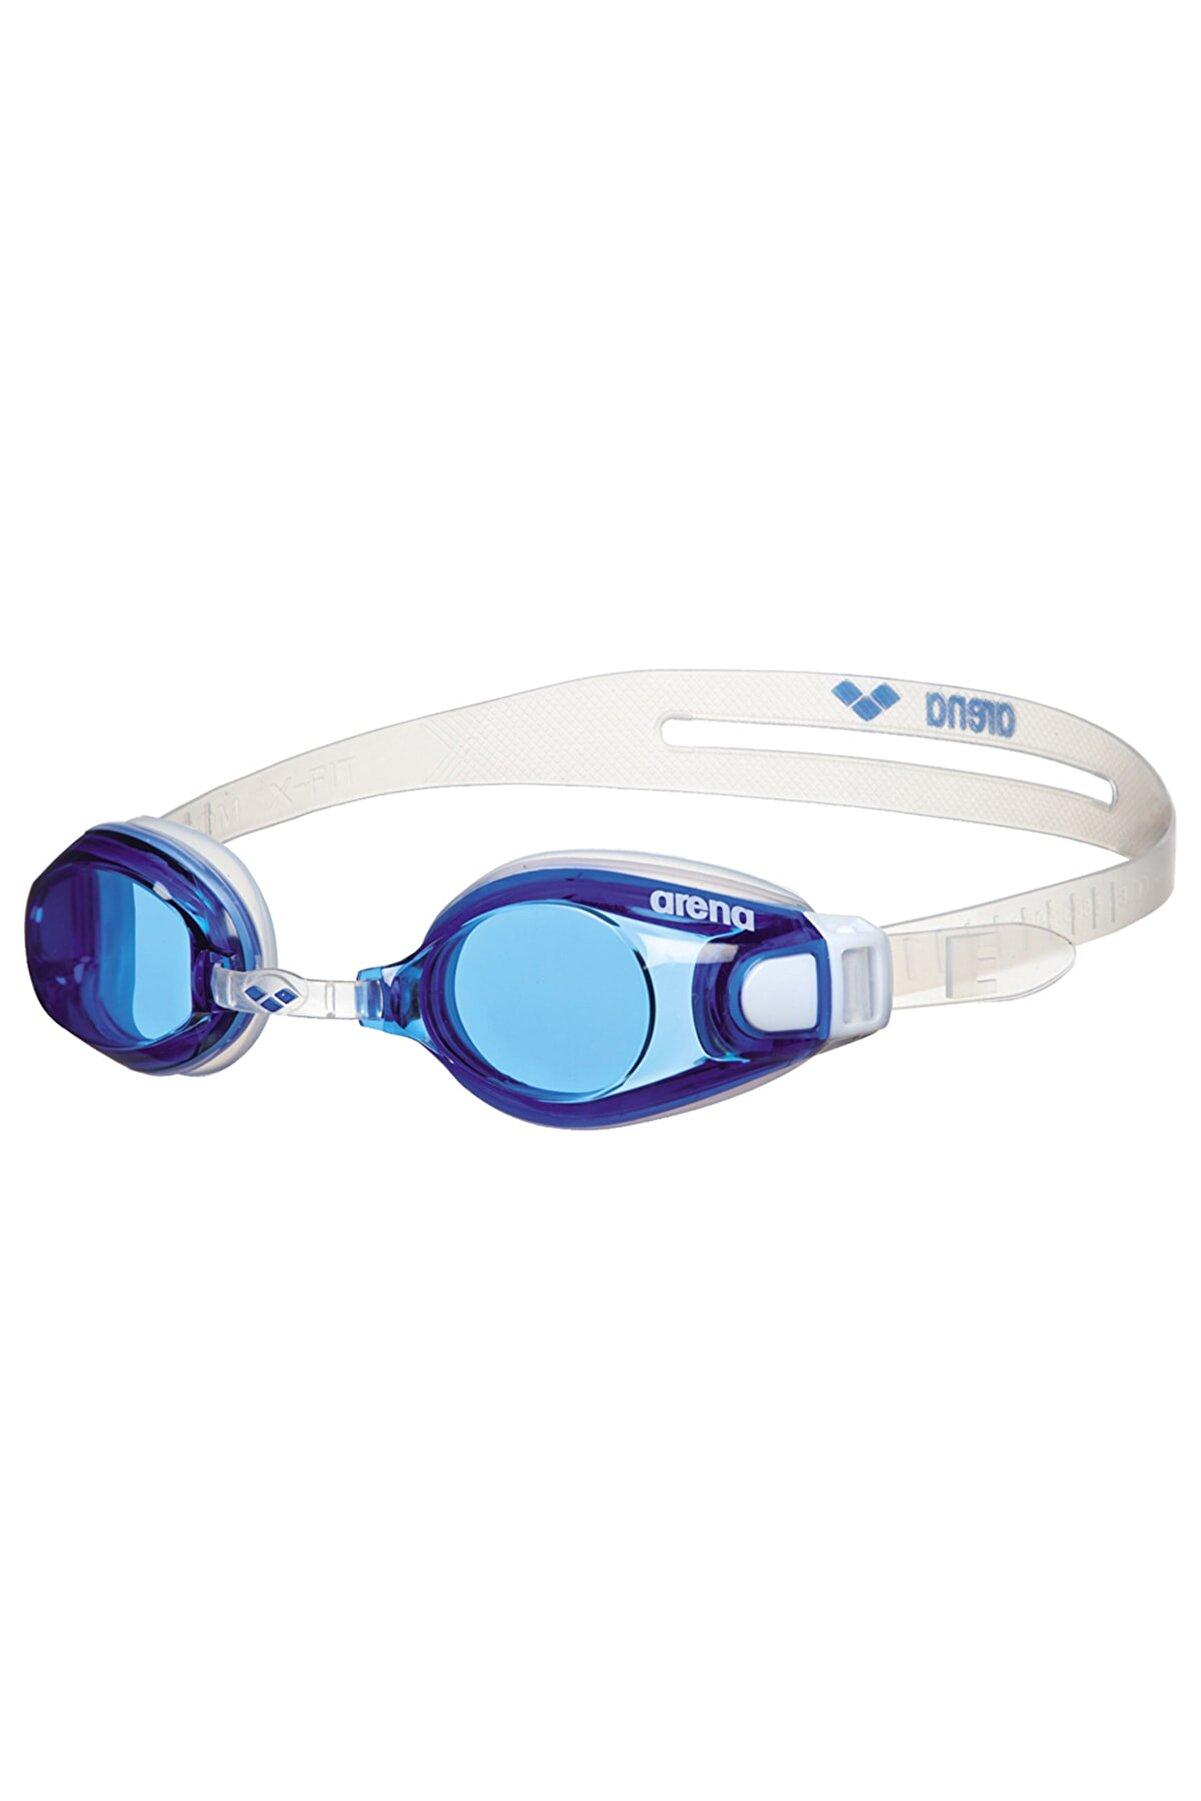 Arena Unisex Mavi Bone Deniz Gözlüğü Zoom X Fit  - 9240417